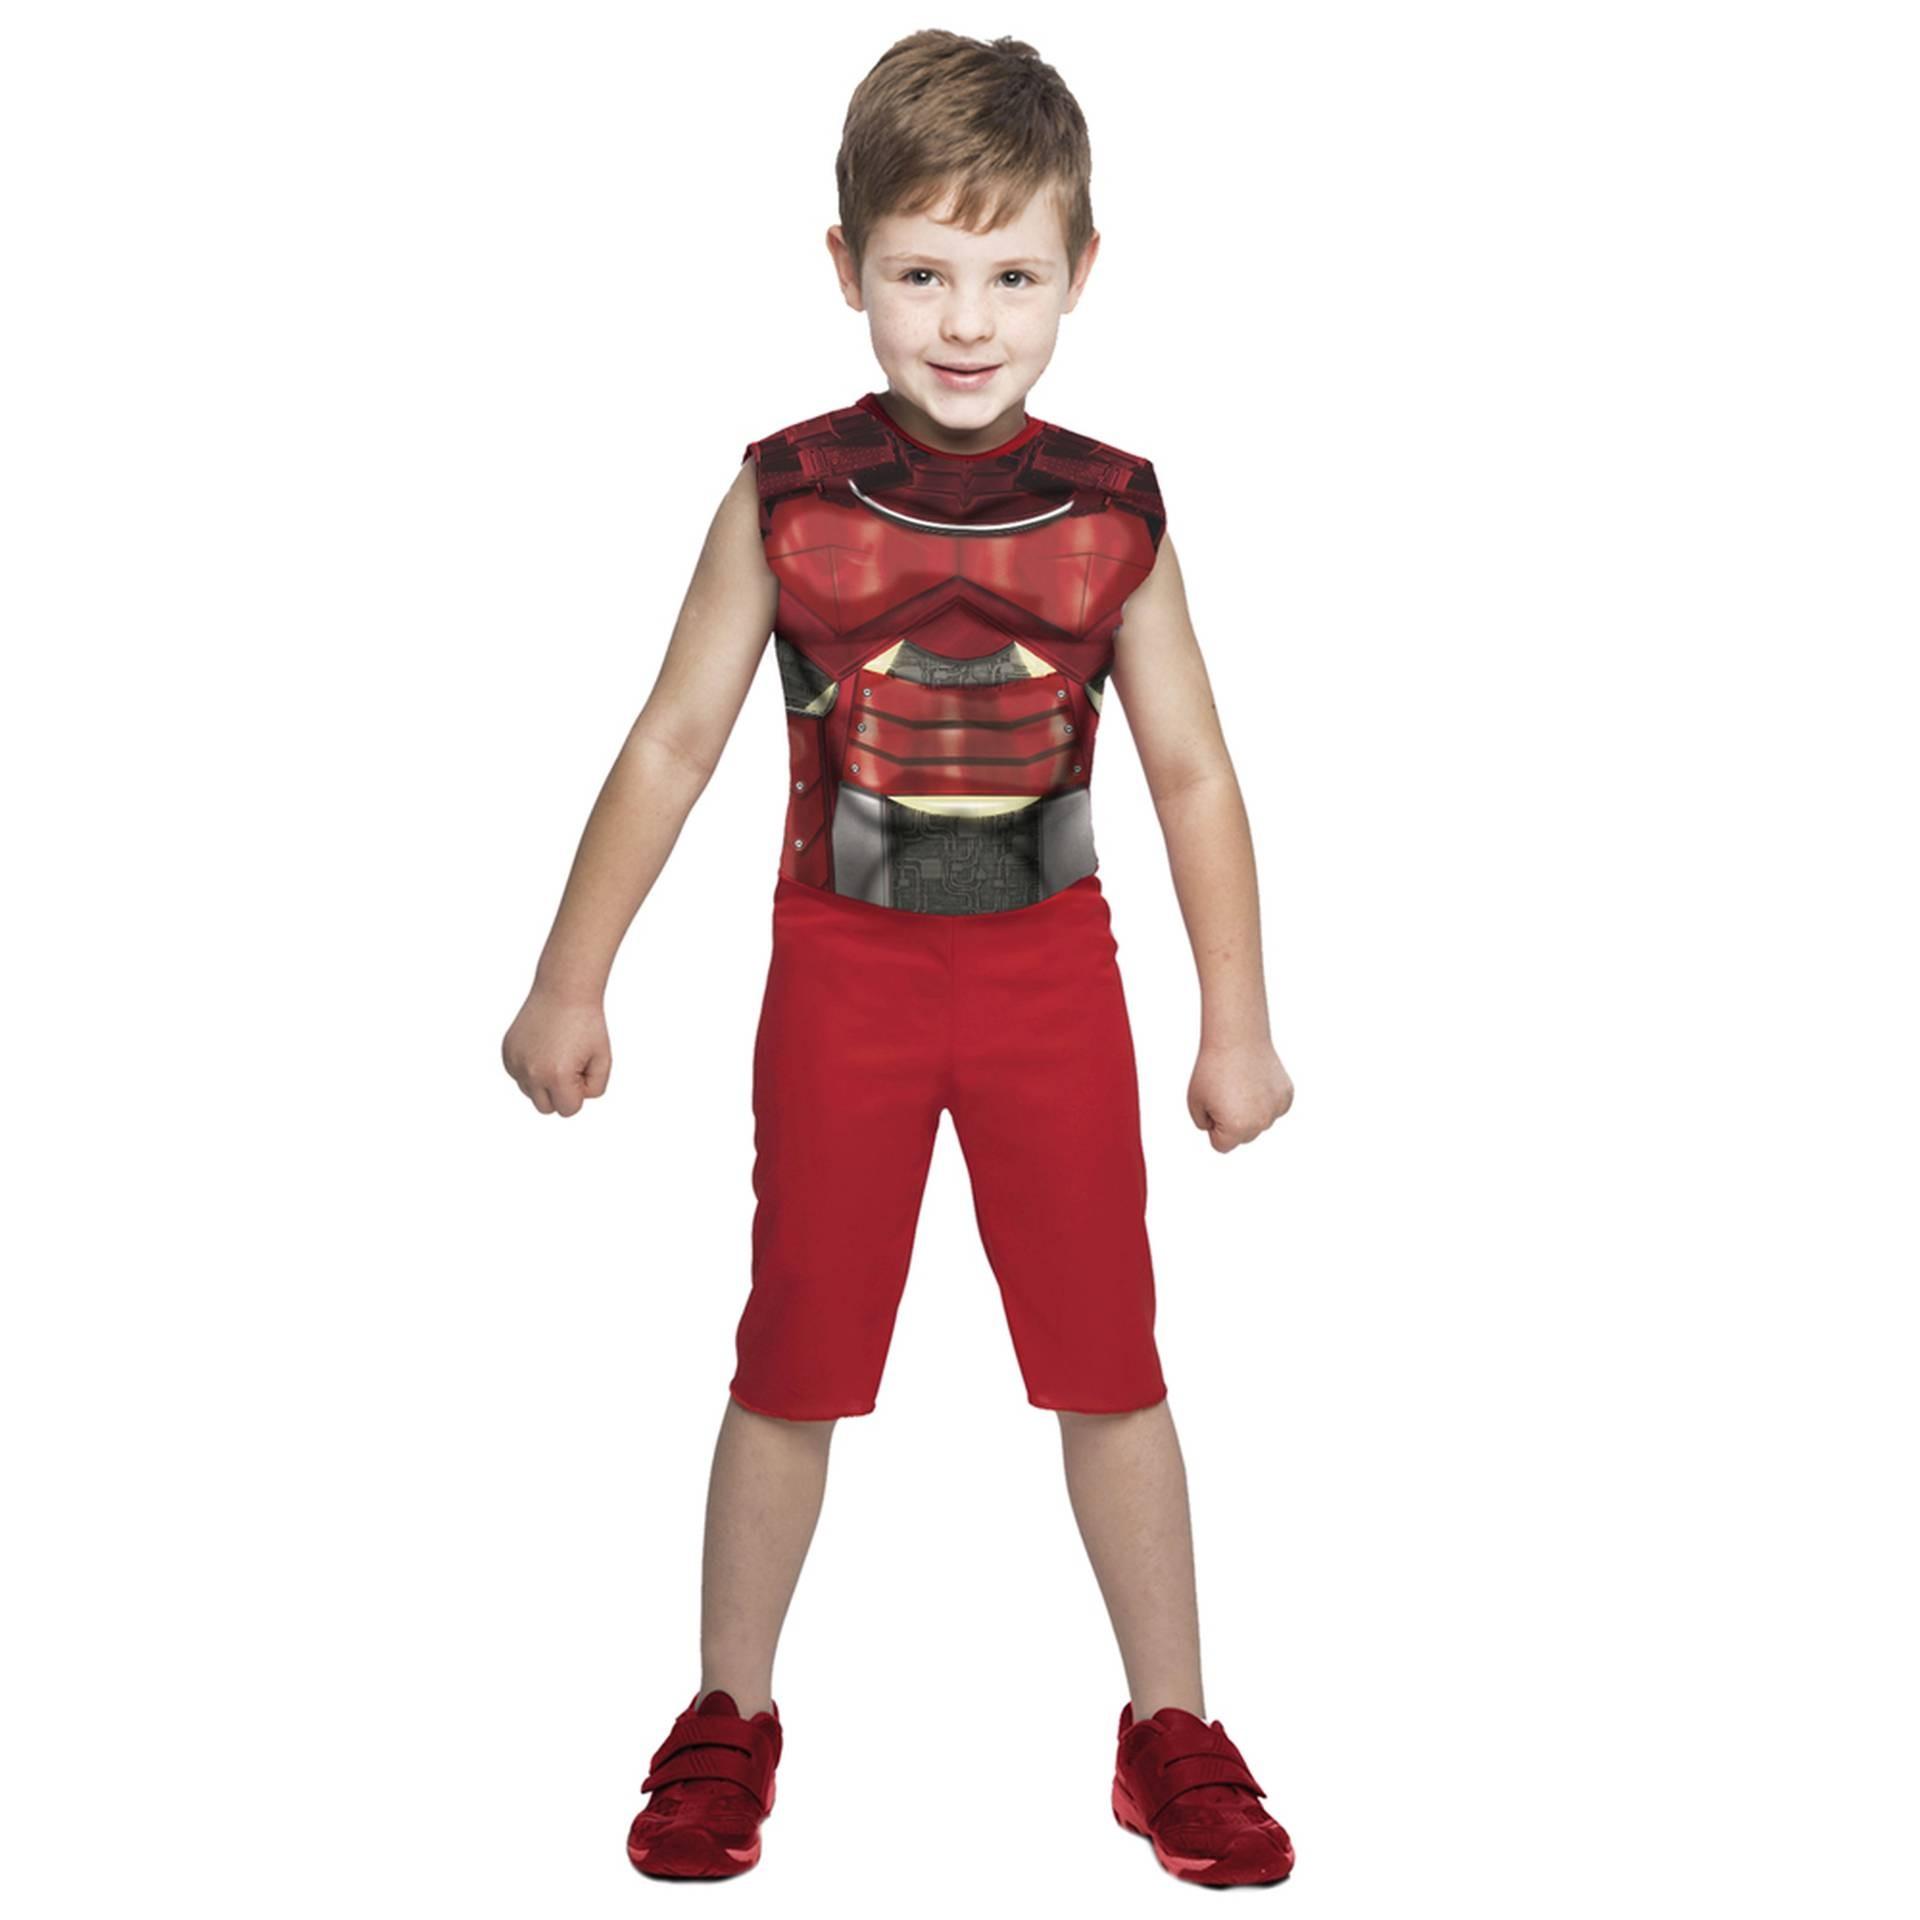 Fantasias de Super Soldado Estelar, macacão com músculos